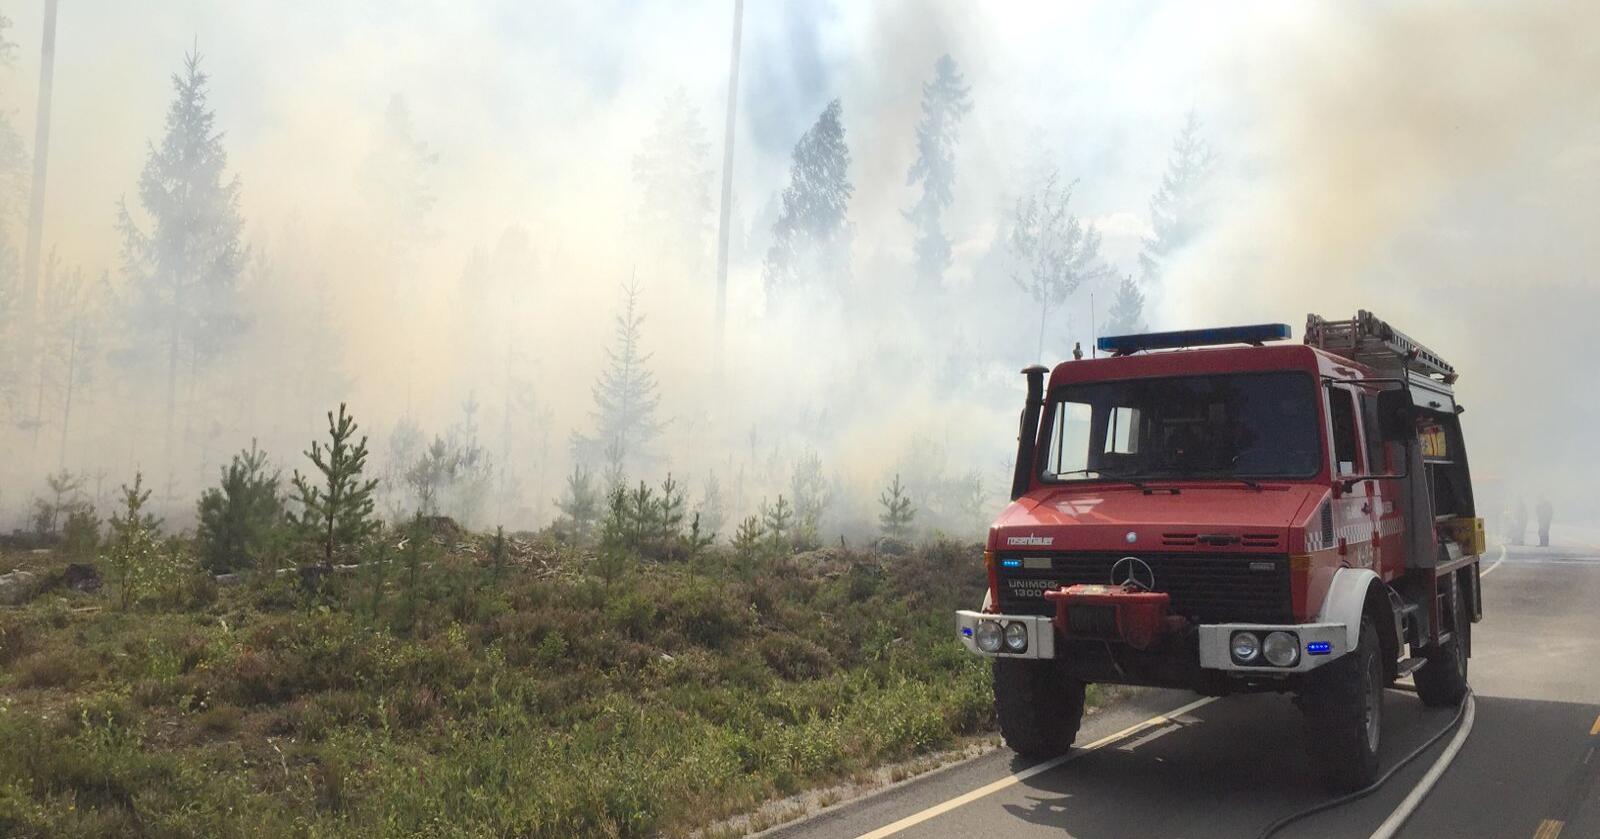 Norge må belage seg på flere skogbranner i framtida som følge av klimaendringer. Foto: Ole-Johnny Myhrvold / Glåmdalen / NTB